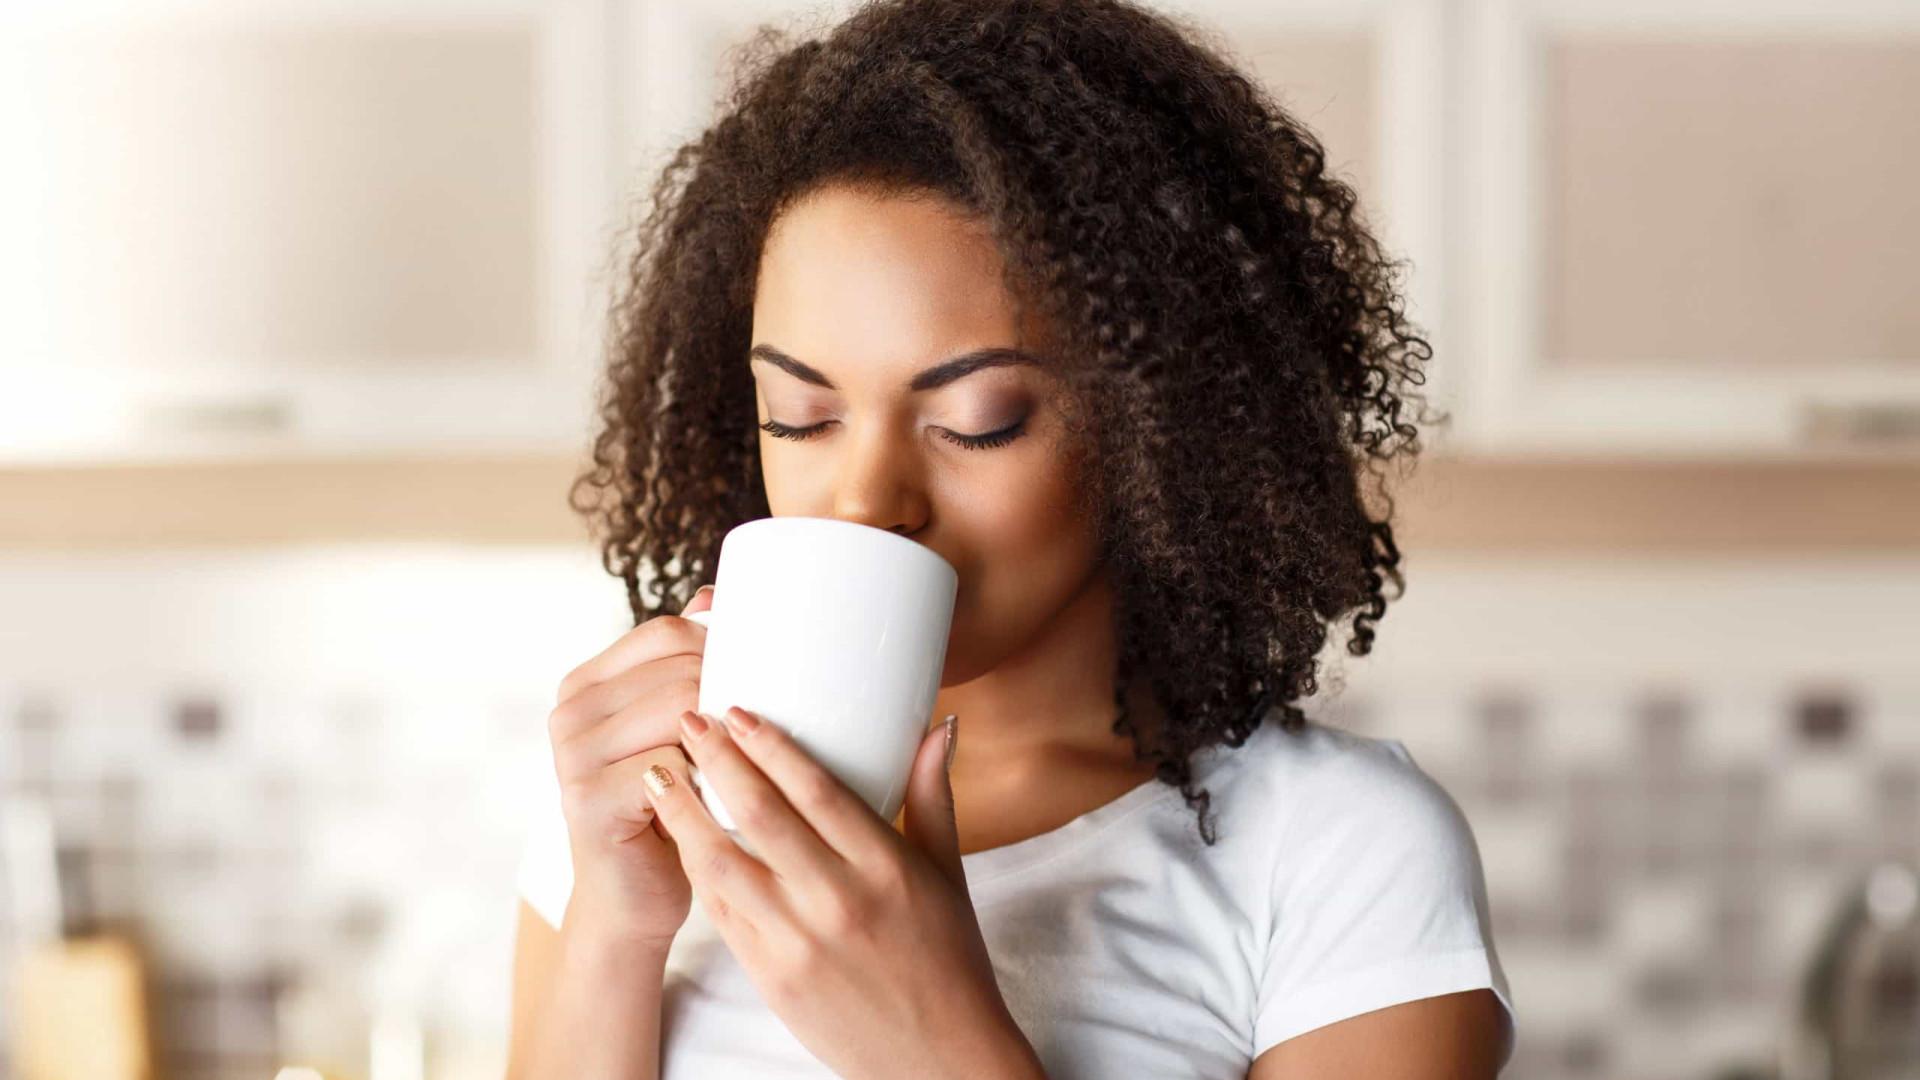 Jejum intermitente. Podemos beber café durante o período de jejum?